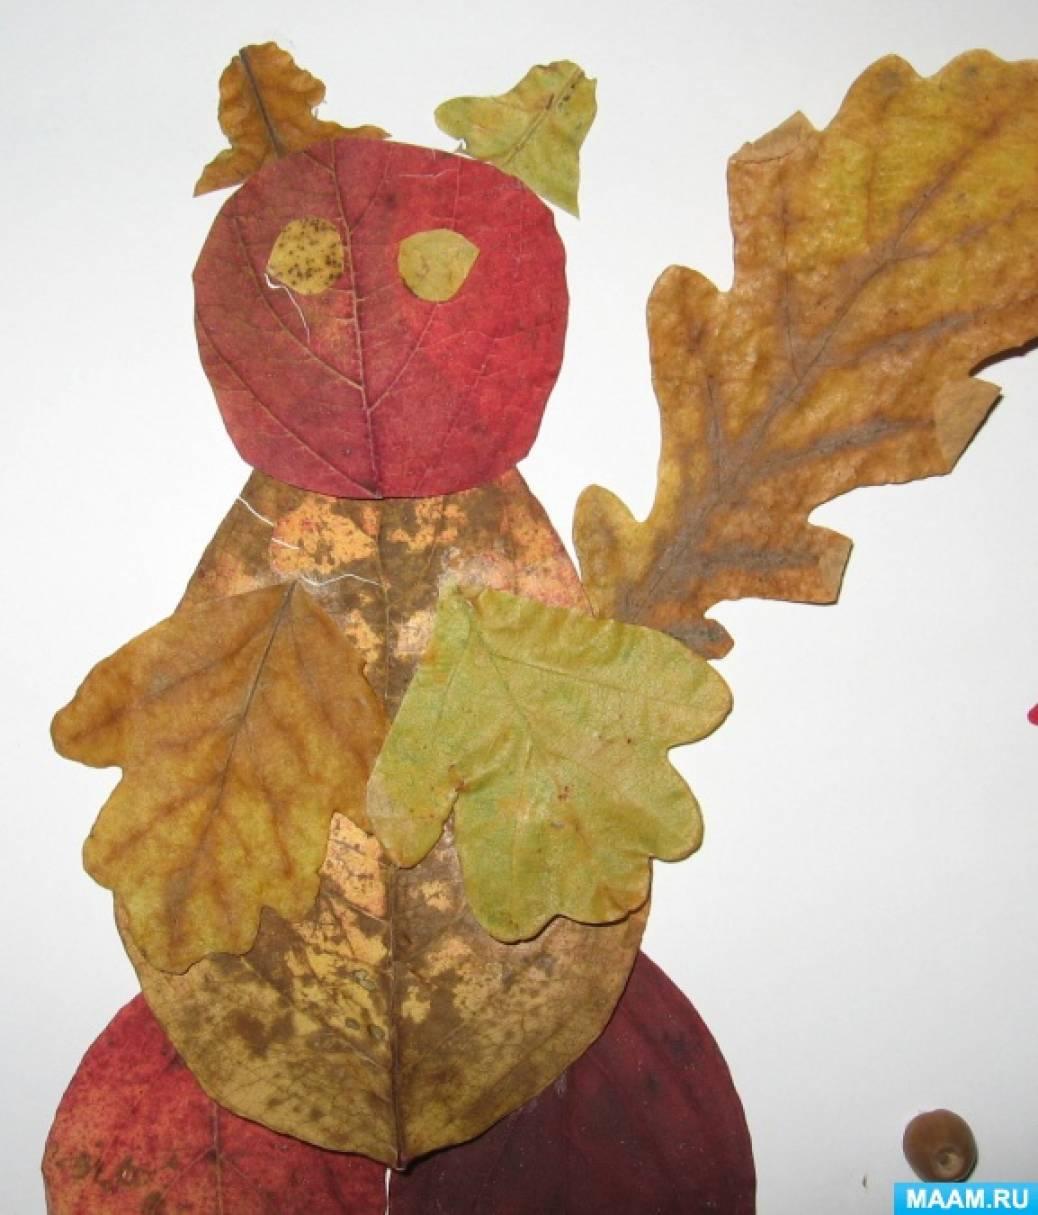 Поделки из листьев - 100 фото лучших идей подделок из сухих